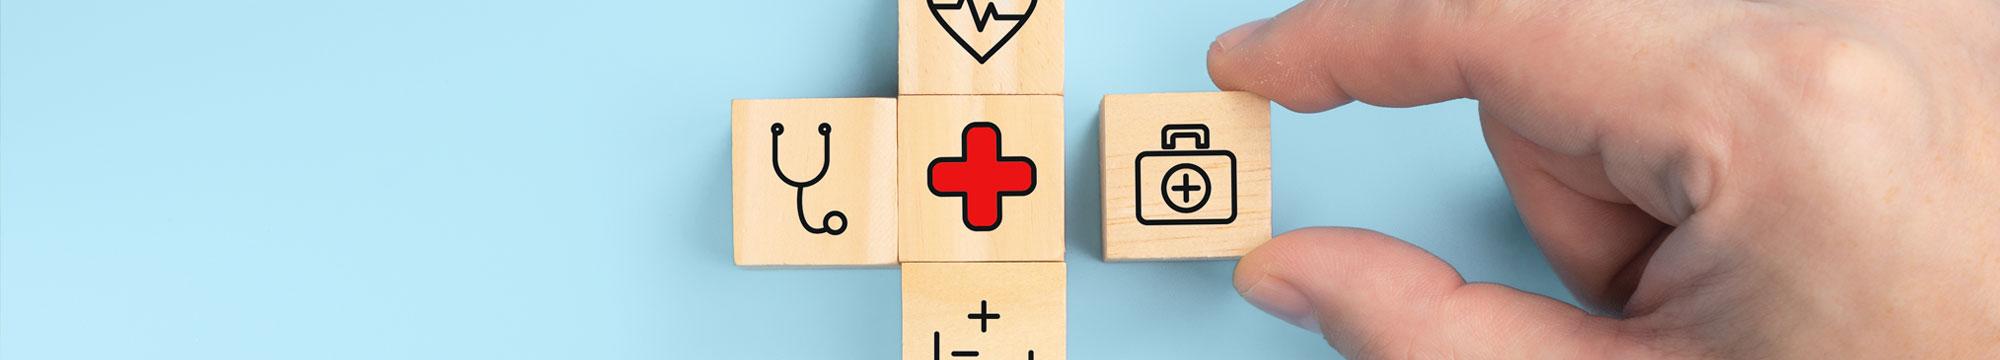 Assegurances de salut per a empreses i treballadors - Medicorasse